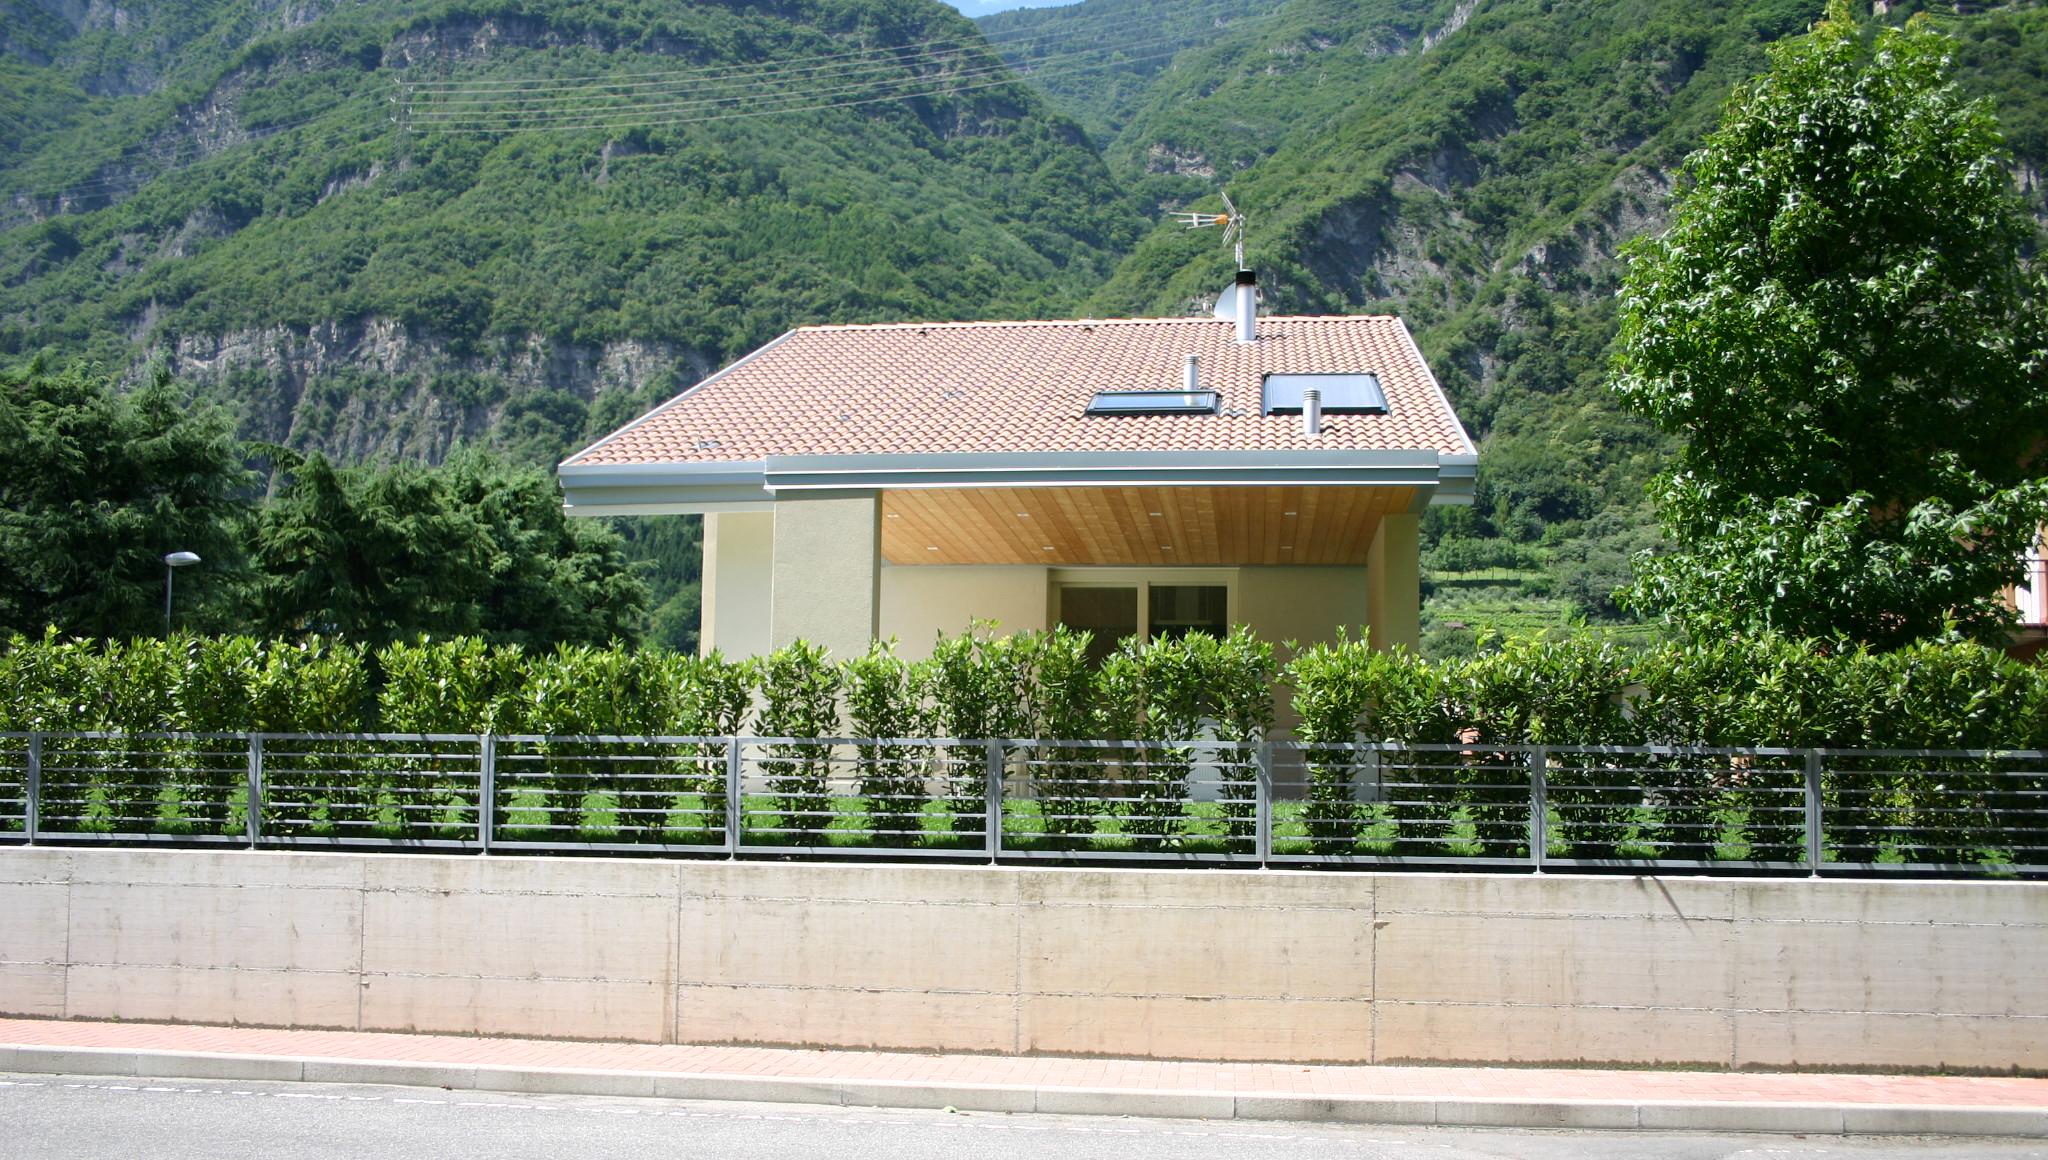 Studio-di-architettura-Baisotti-Sigala-prgetti60